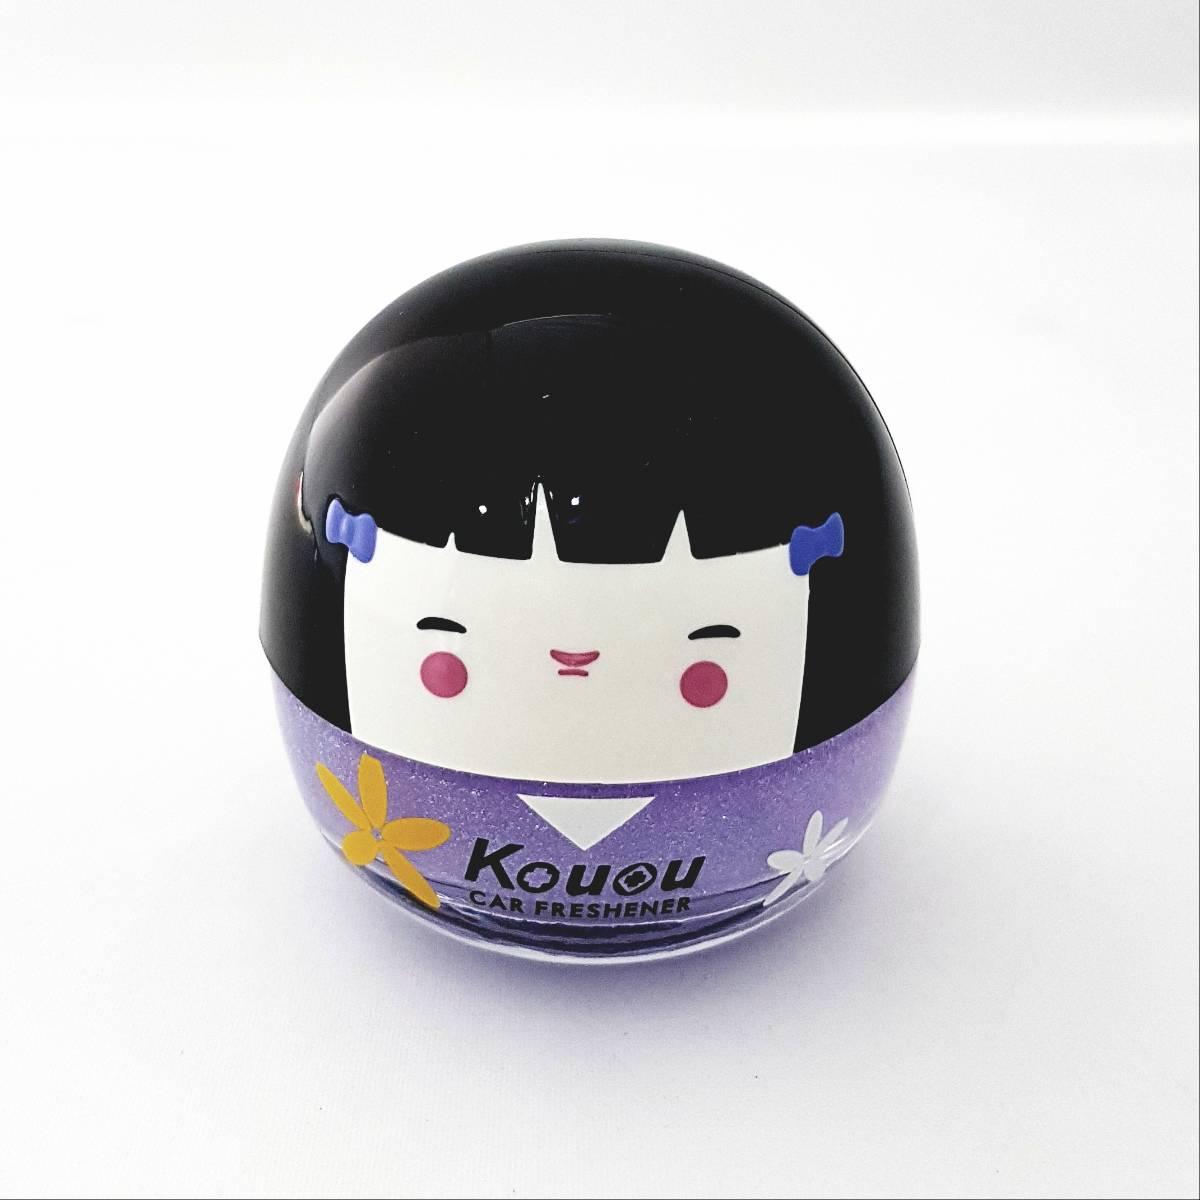 Parfum Mobil Boneka Jepang Kouou Pm-002/a21